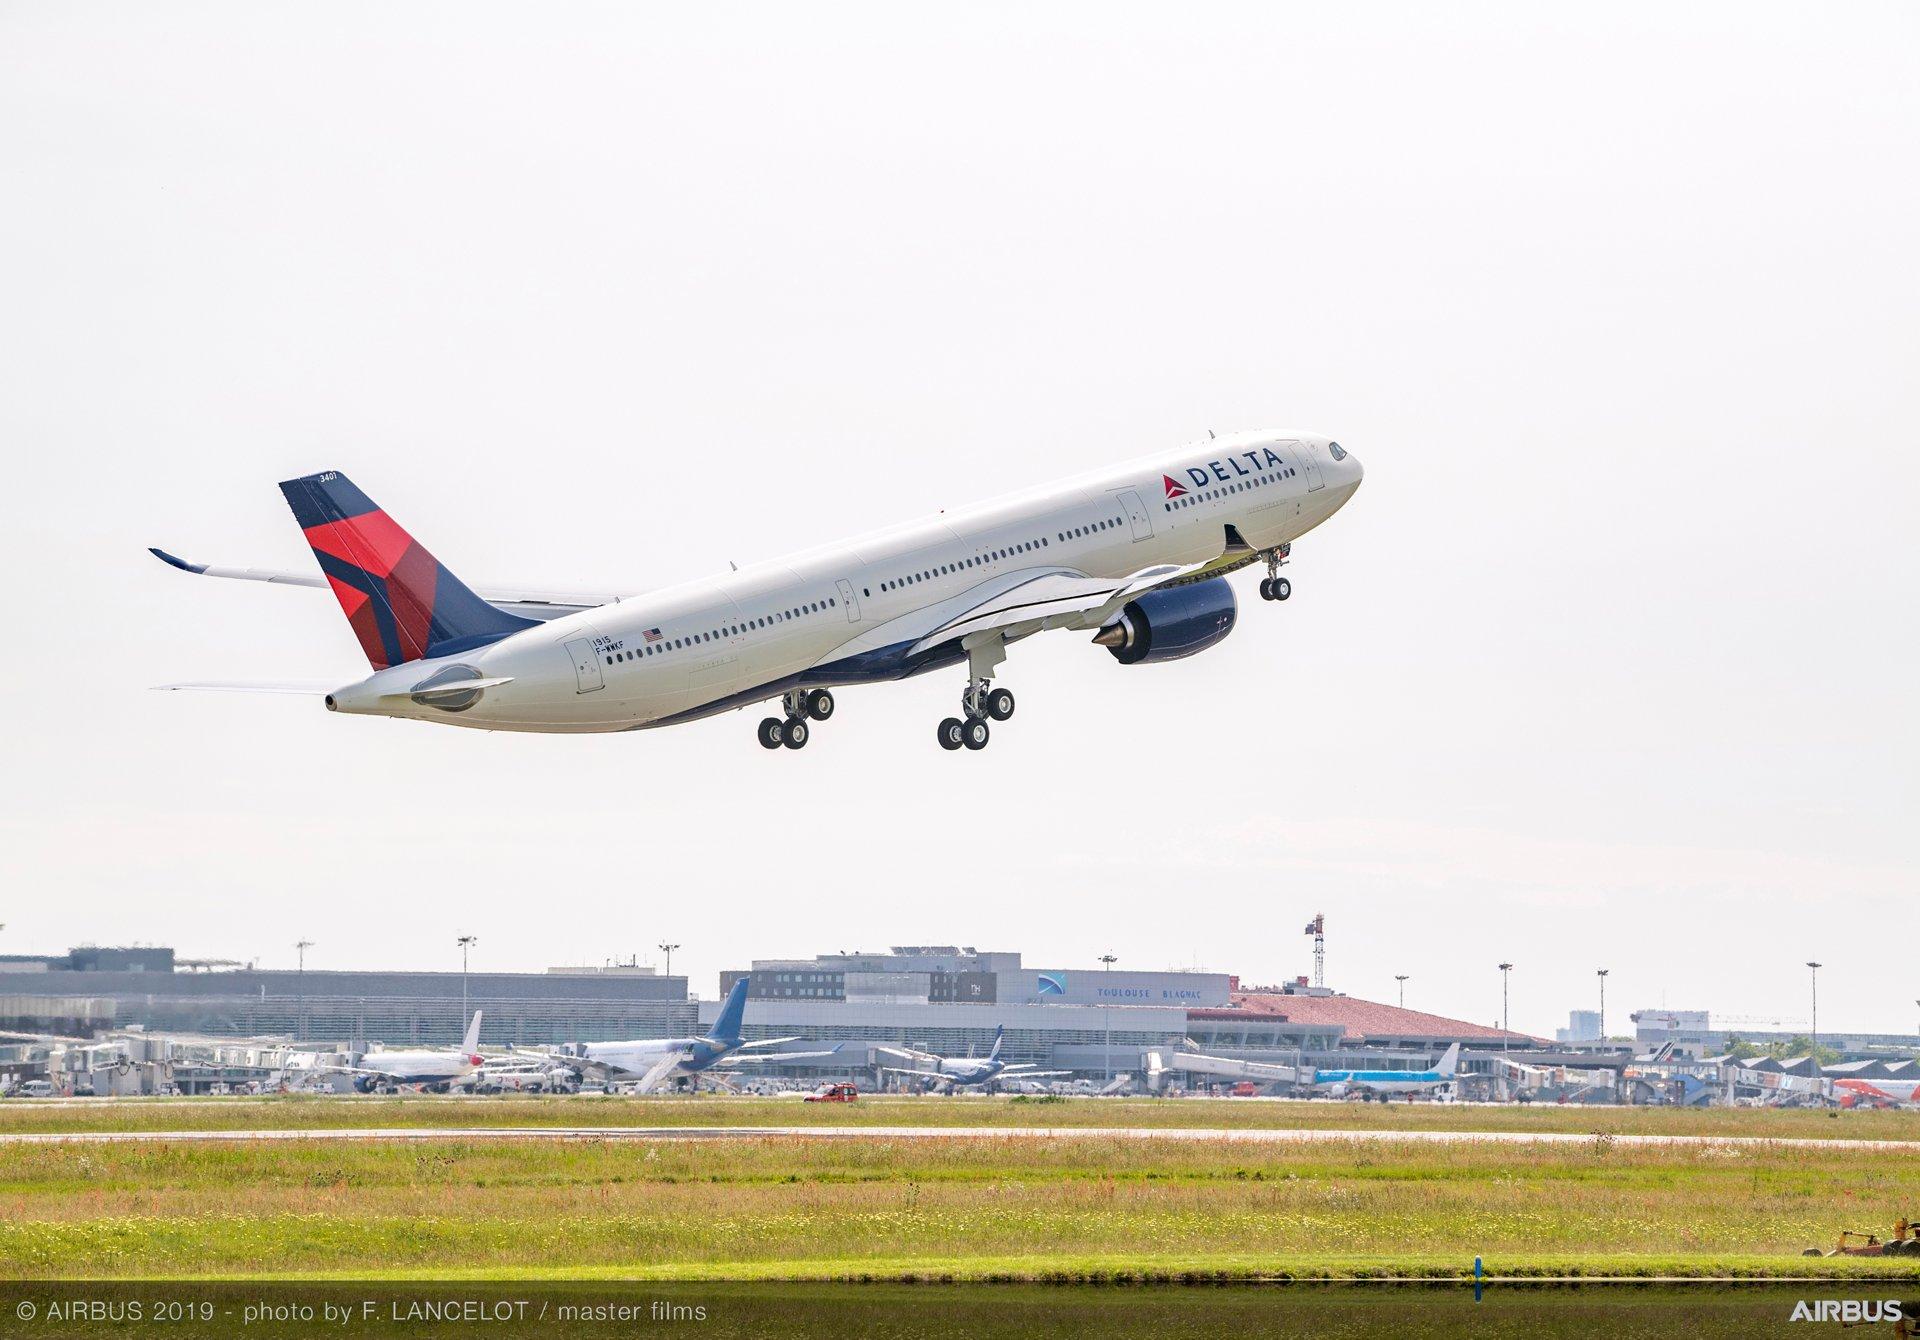 Delta Air Lines' A330-900